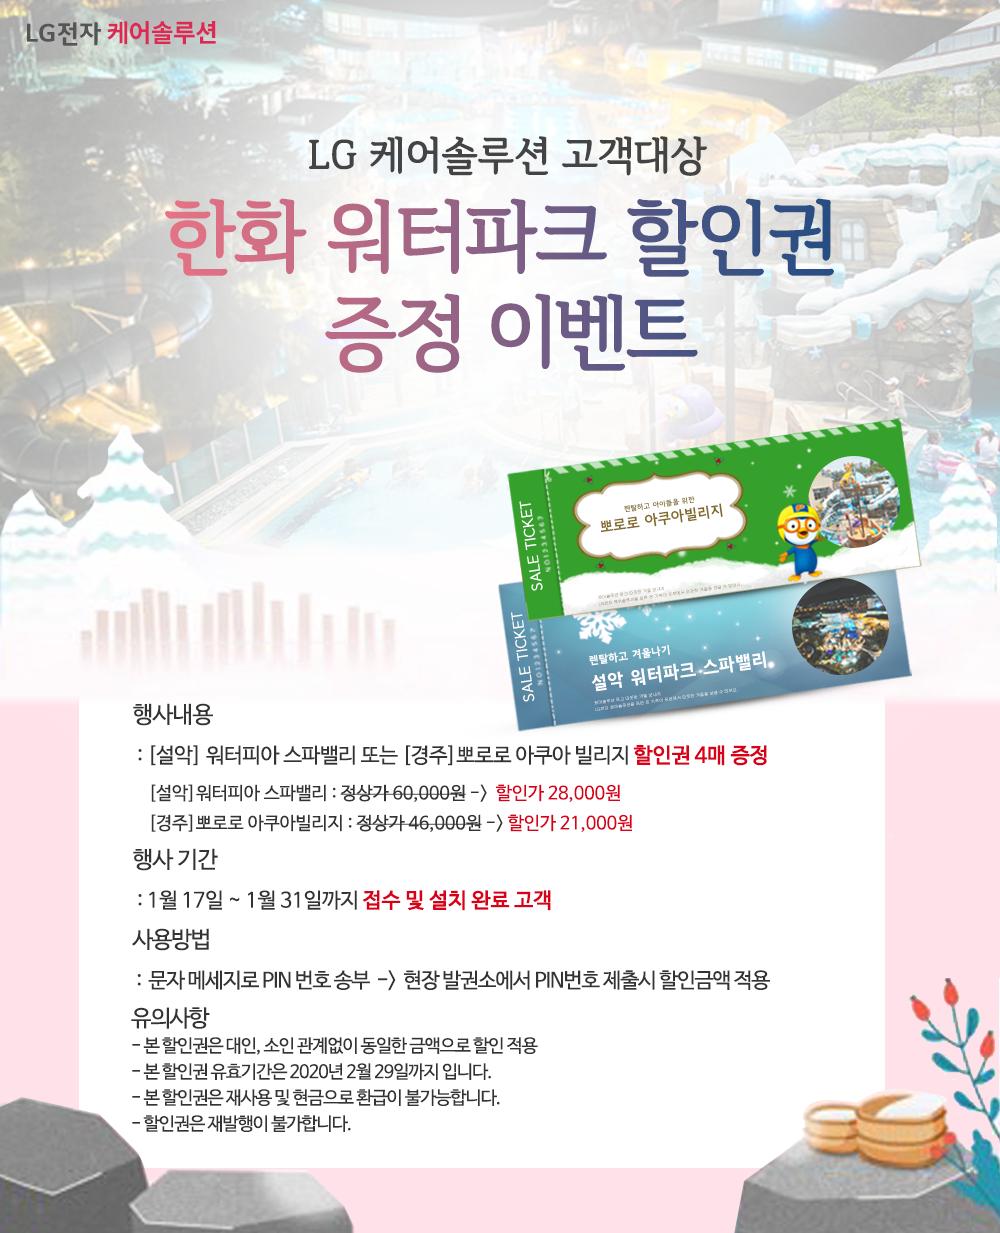 한화리조트 입장권 판촉.png